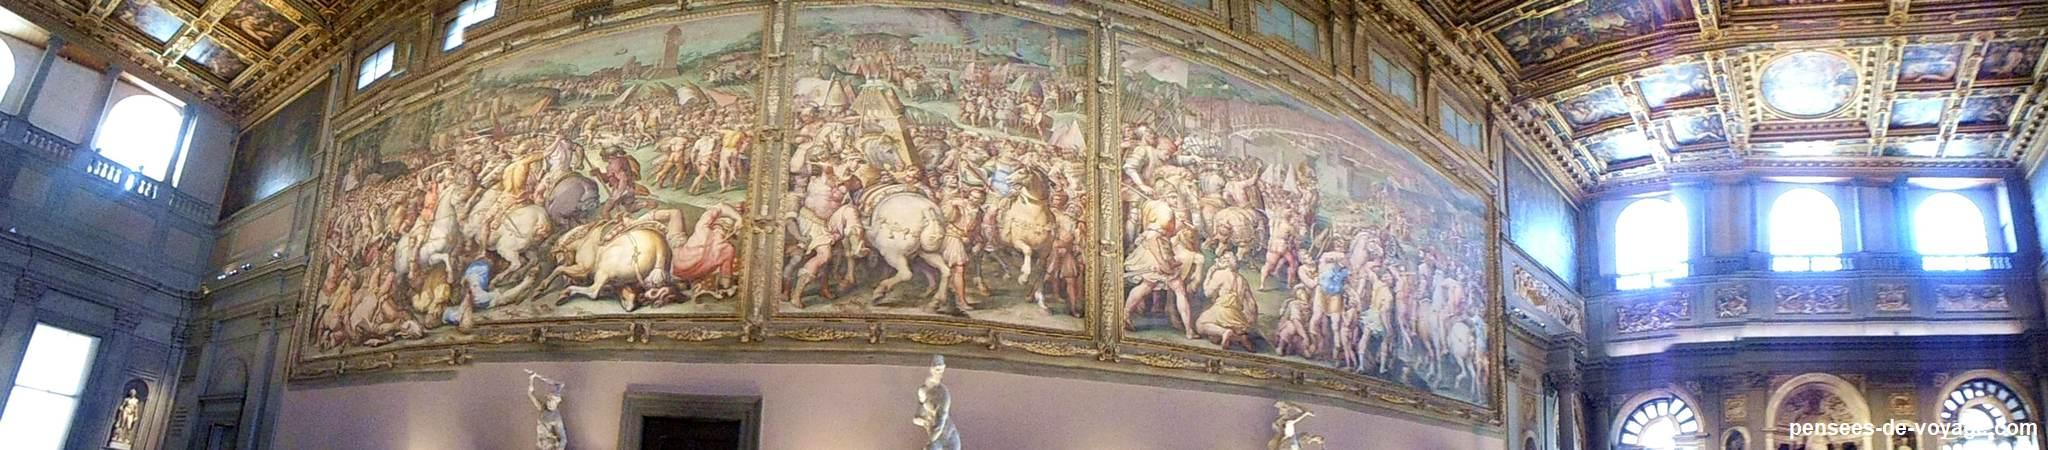 Peintures de batailles au palais Vecchio